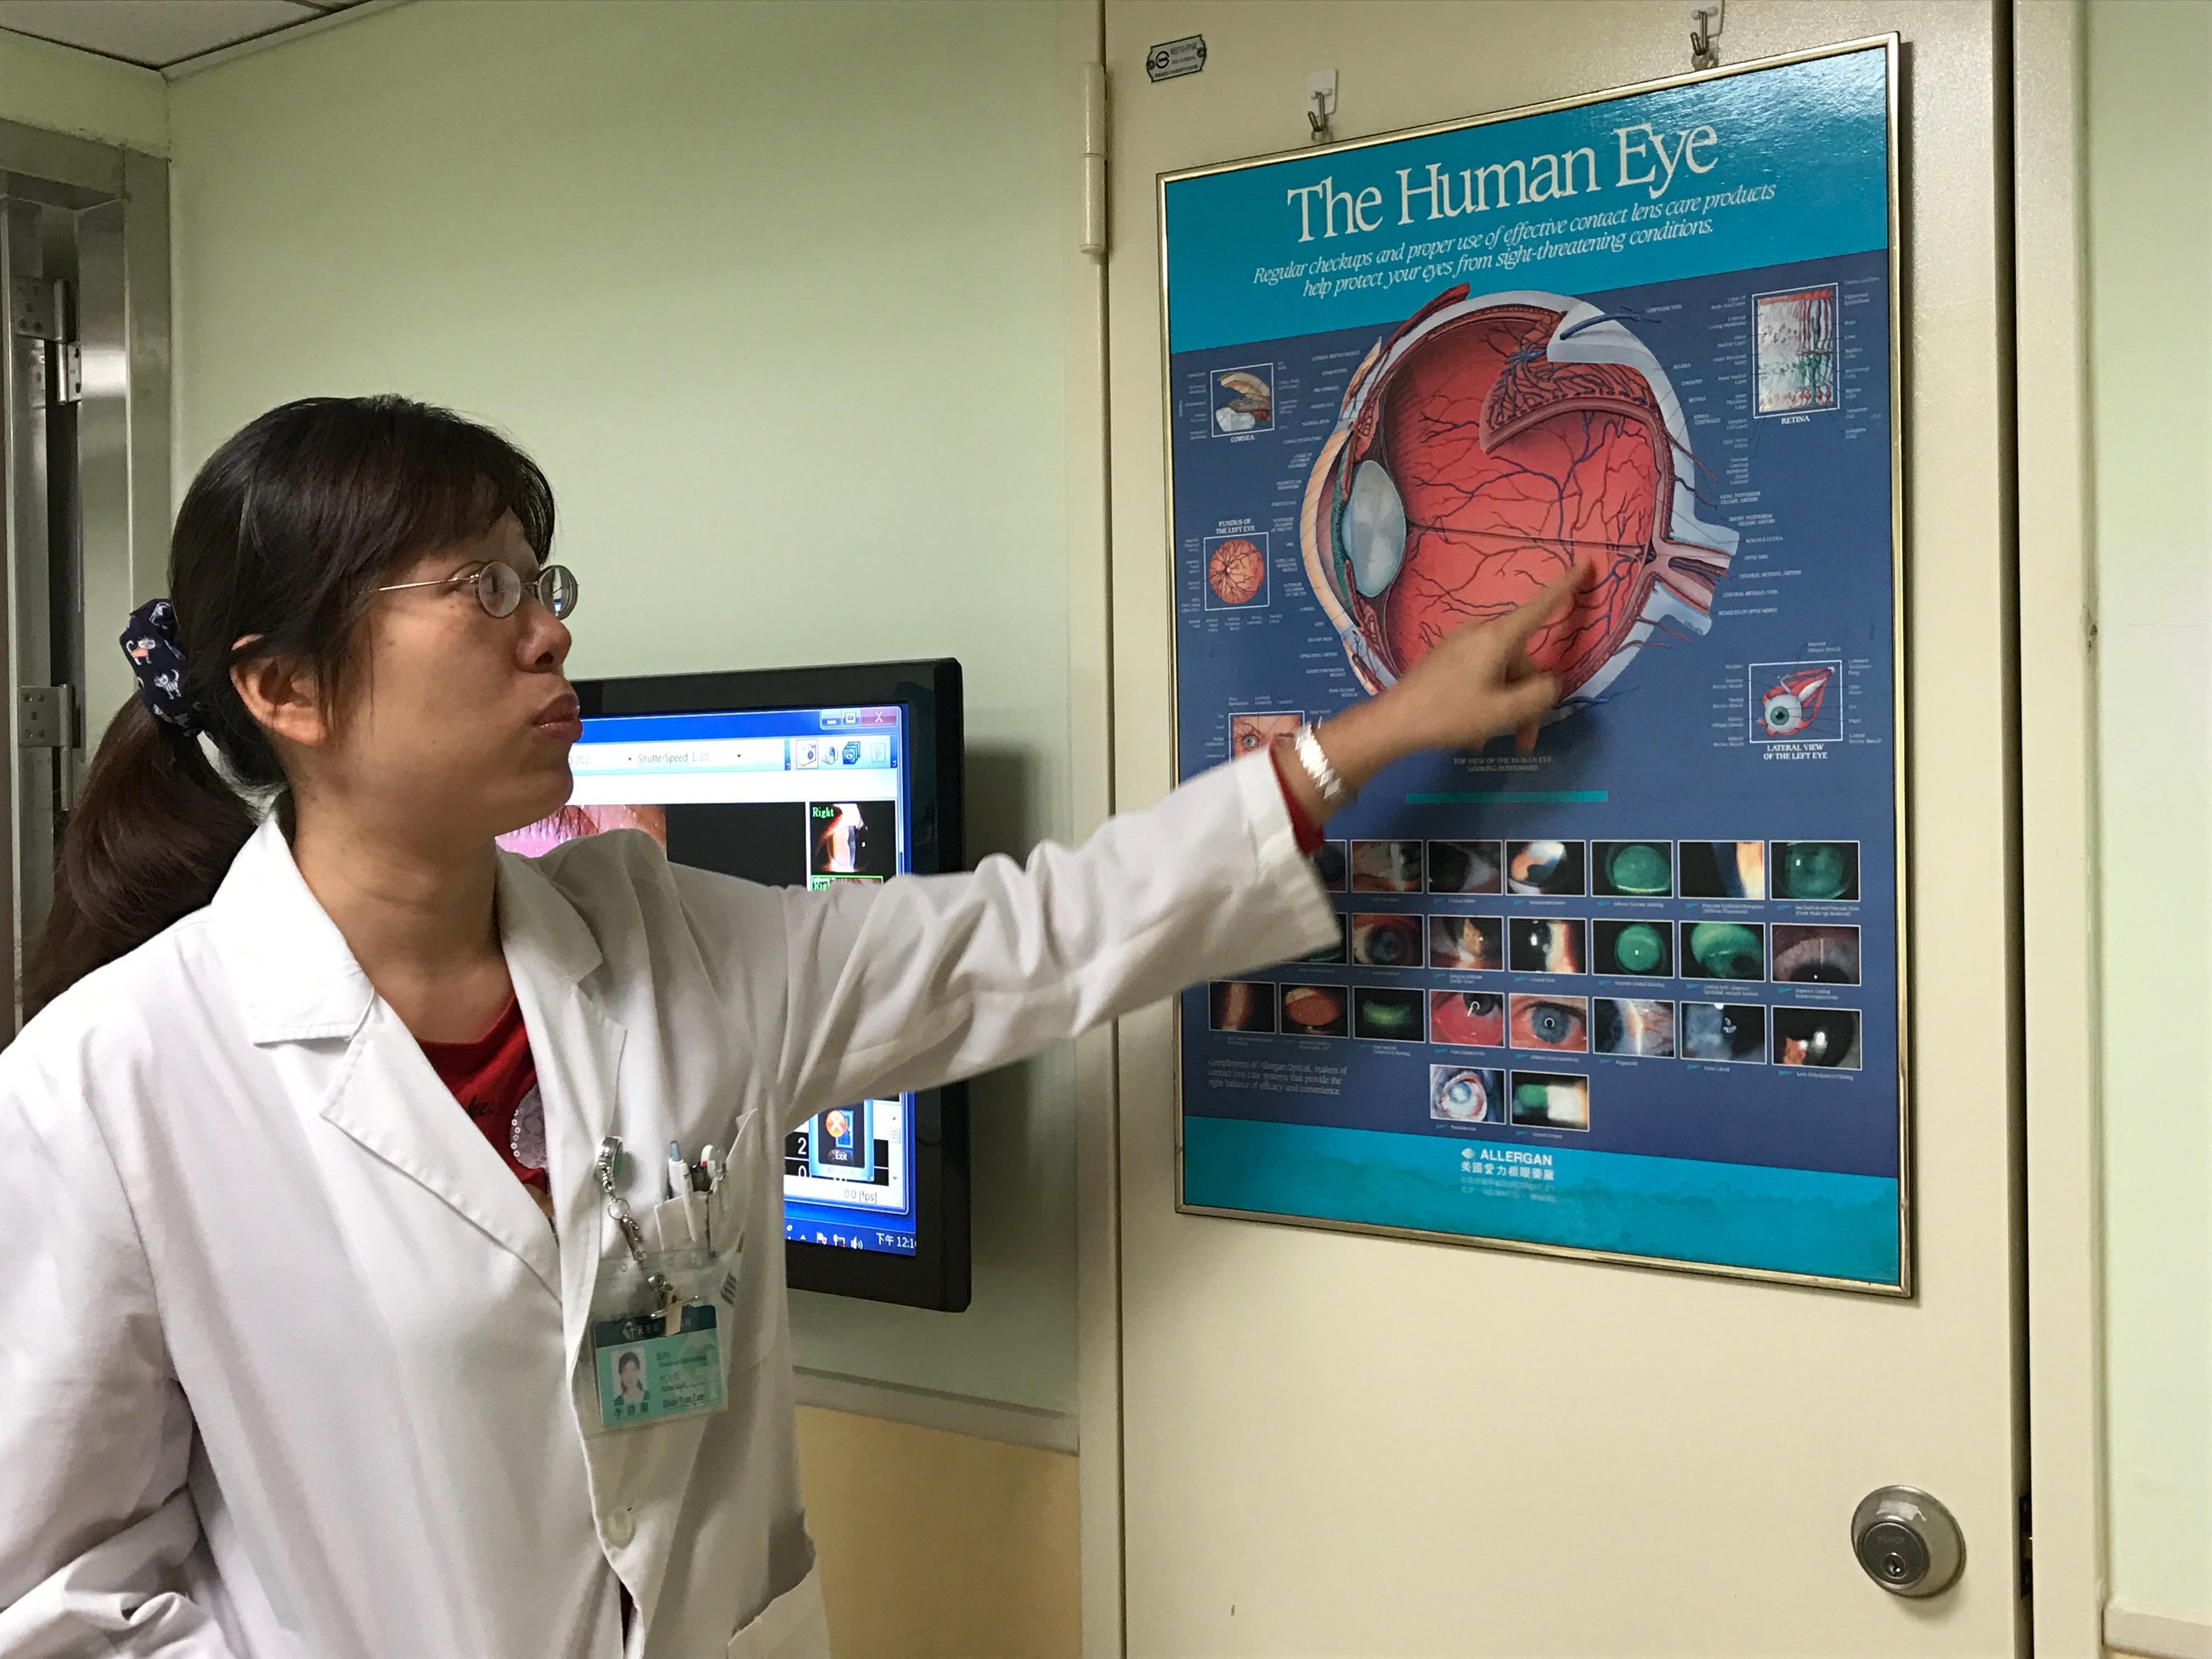 耕莘醫院安康院區眼科醫師李詩韻表示,若是越早近視,之後變成高度近視的危險性就會增加。攝影/高凡淳